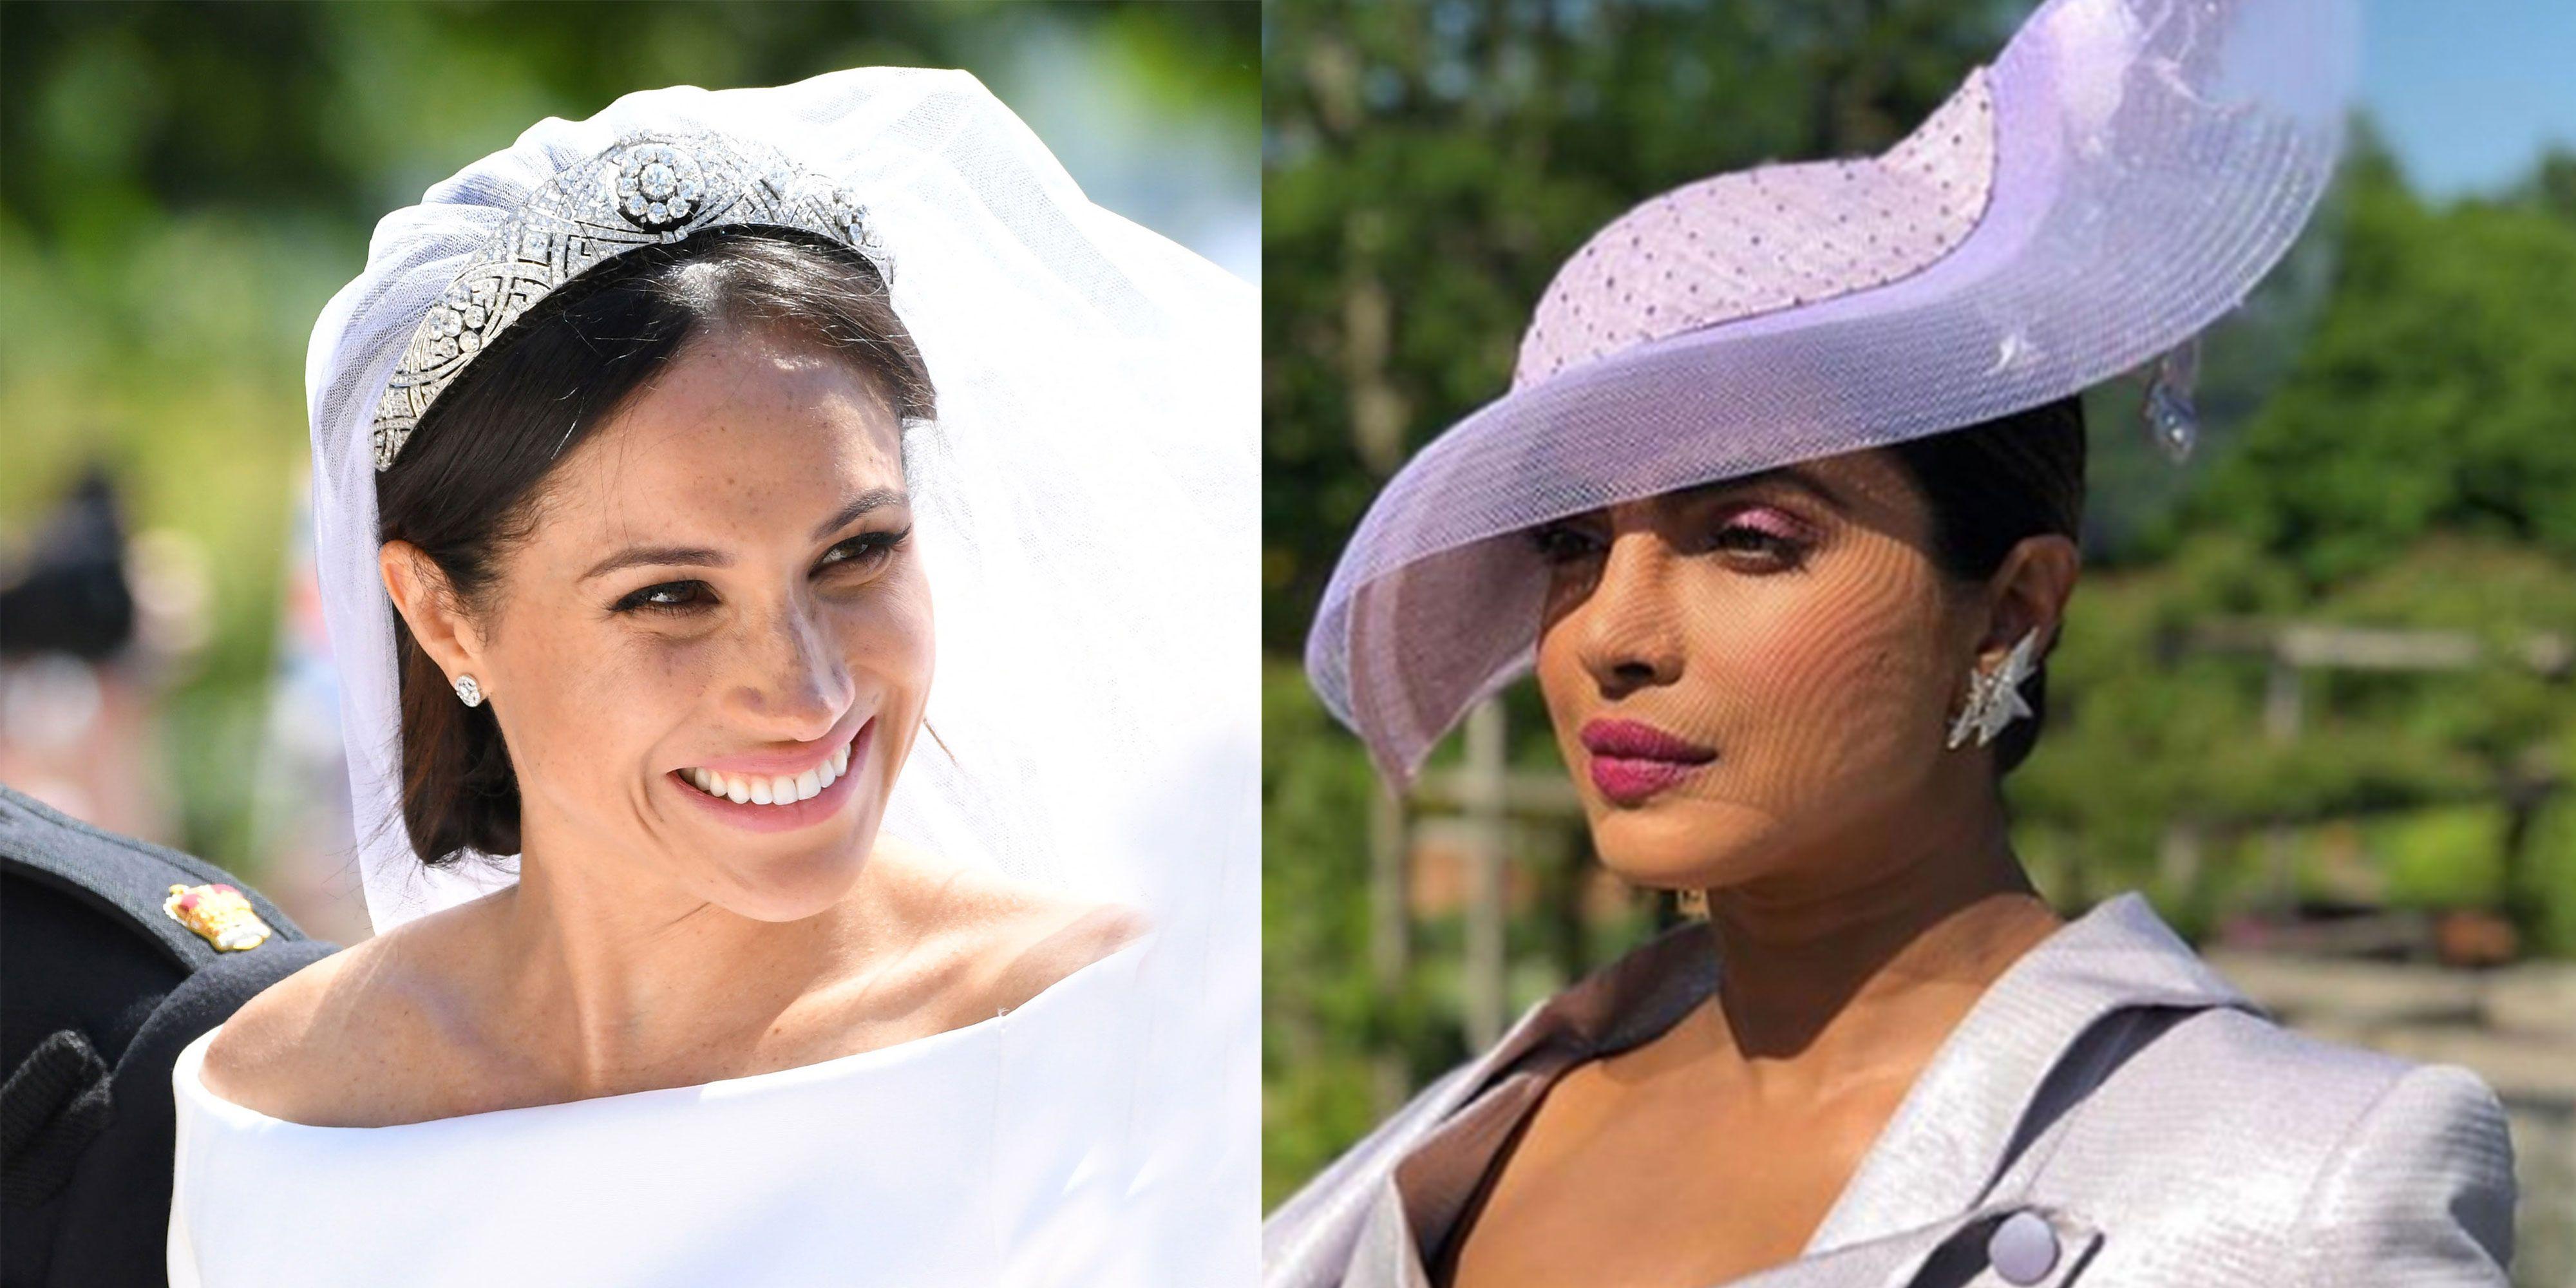 Meghan Markle and Priyanka Chopra at the Royal Wedding